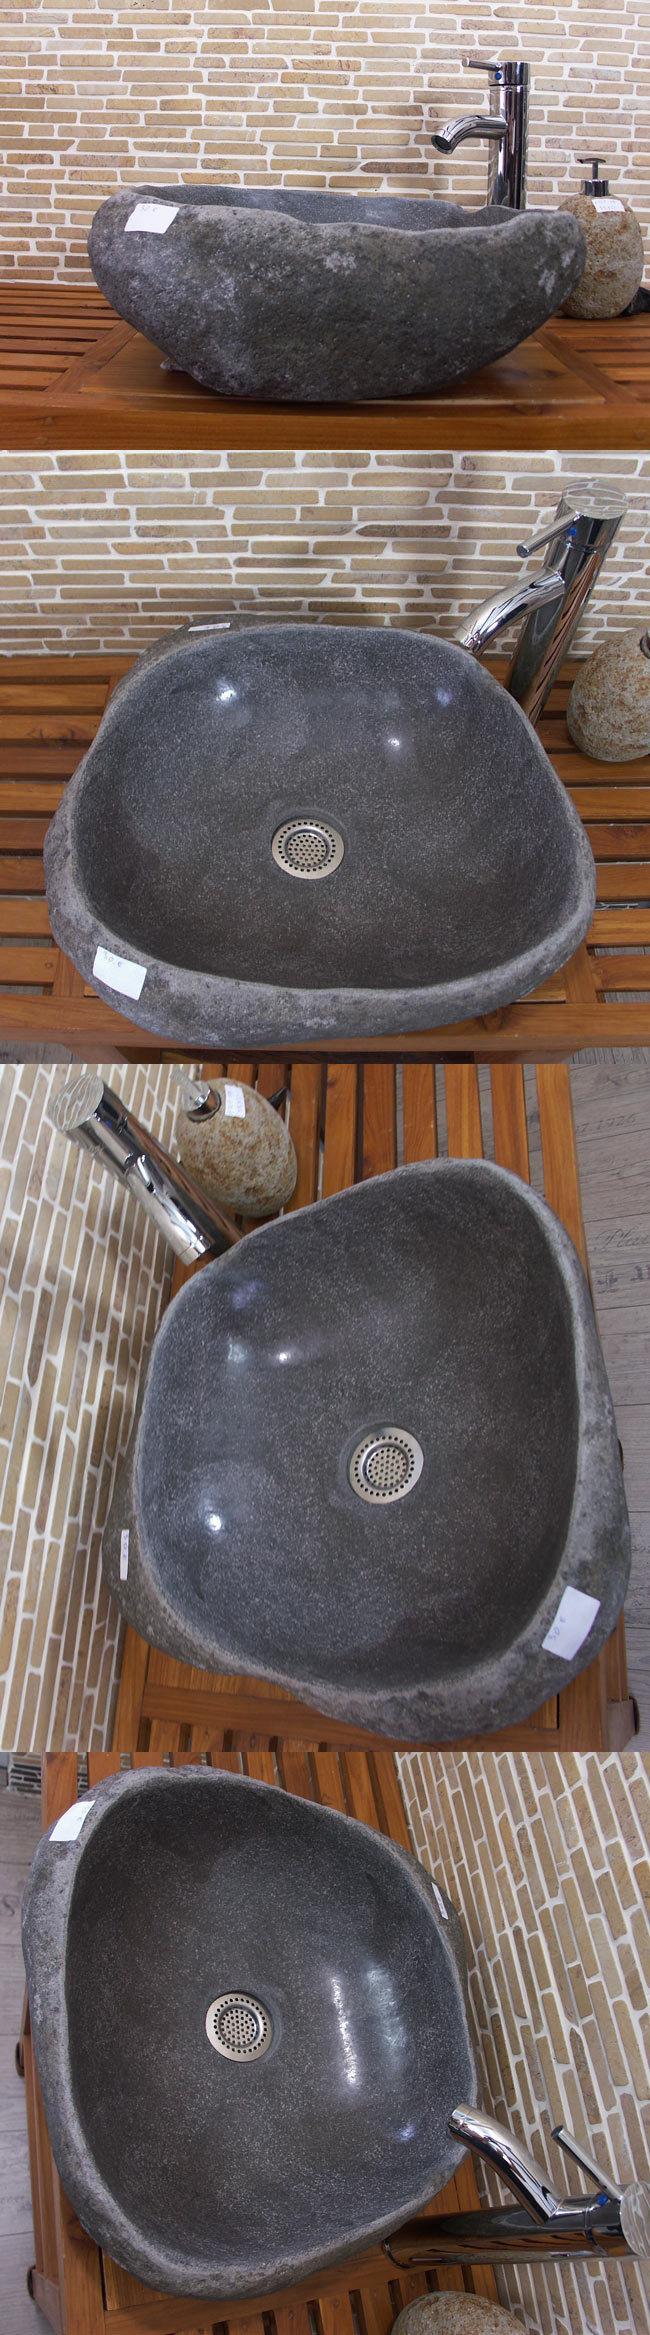 waschbecken aus flussstein bafs 30e ein unikat f r ihr bad. Black Bedroom Furniture Sets. Home Design Ideas